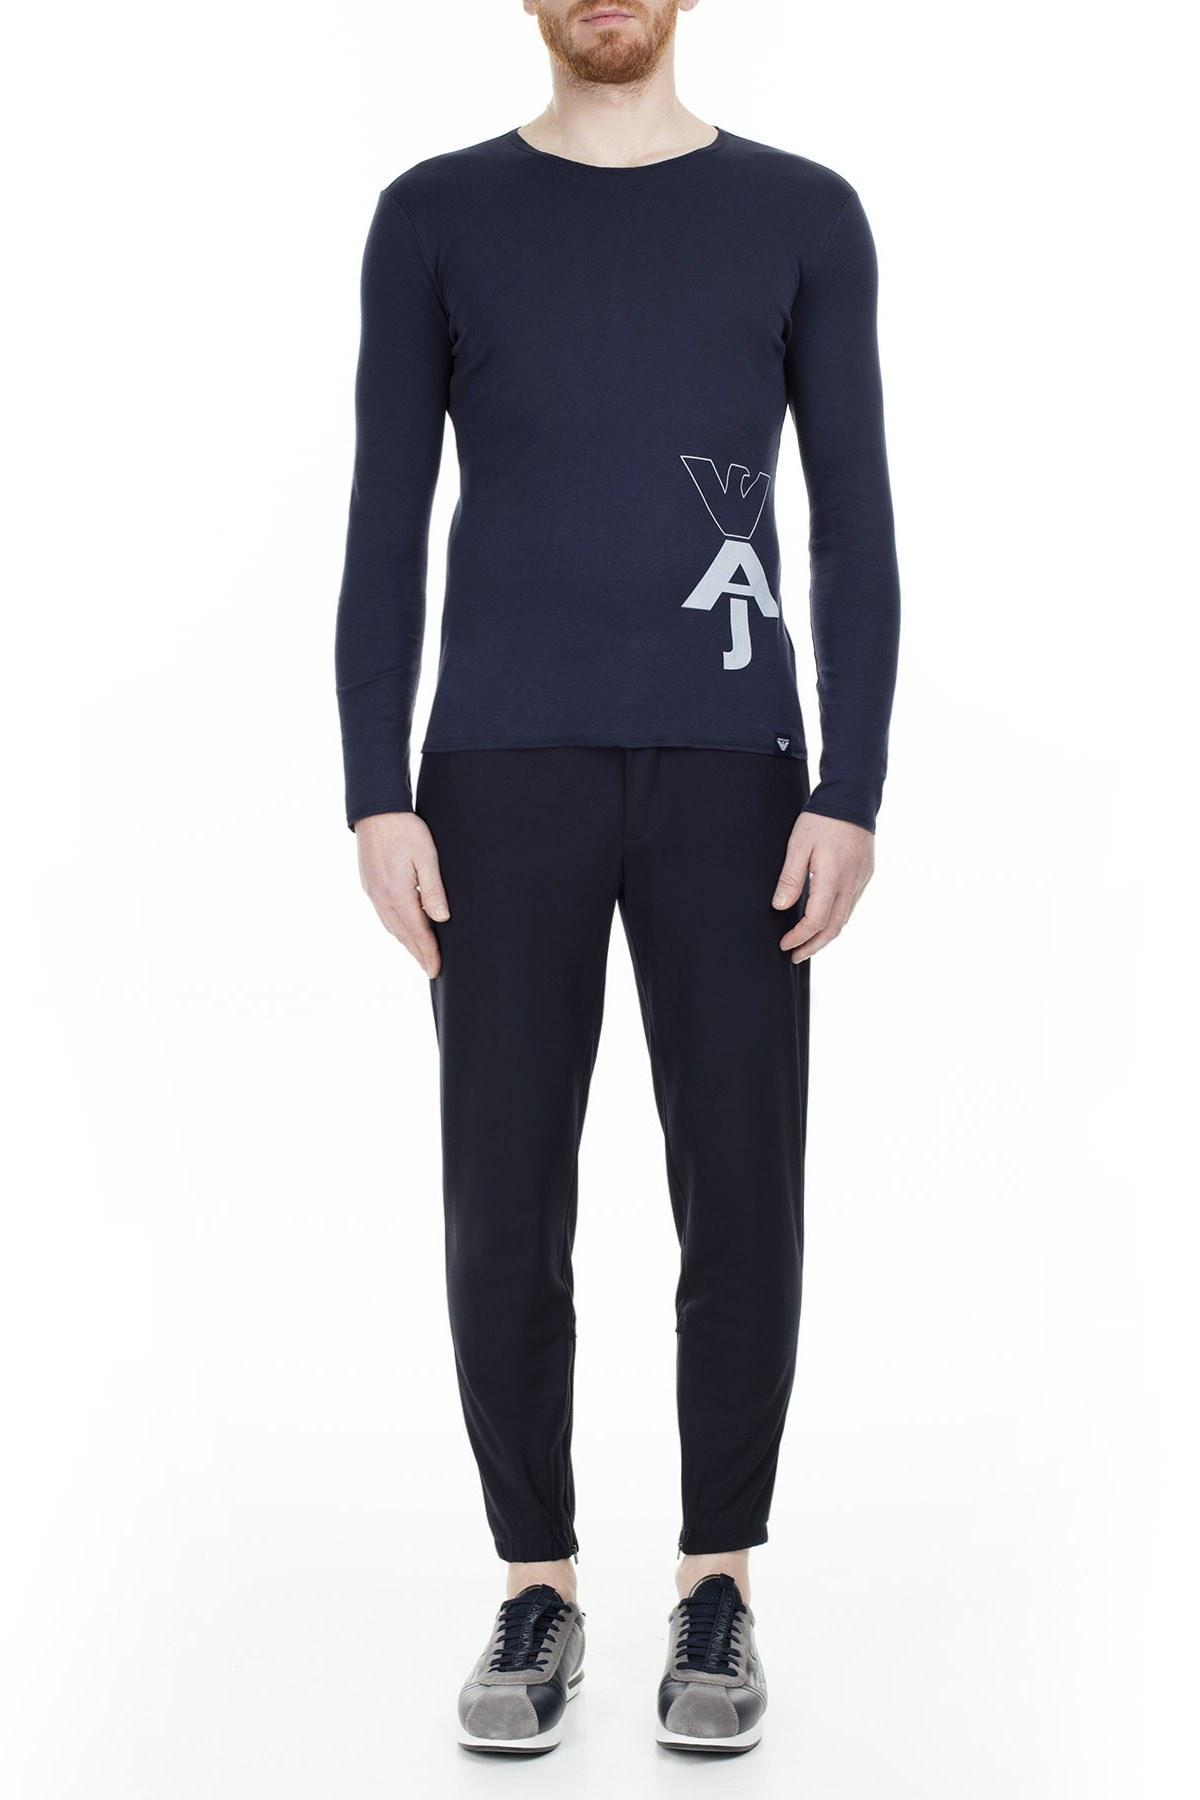 Armani Jeans Erkek T Shirt 6Y6T91 6J17Z 1565 LACİVERT